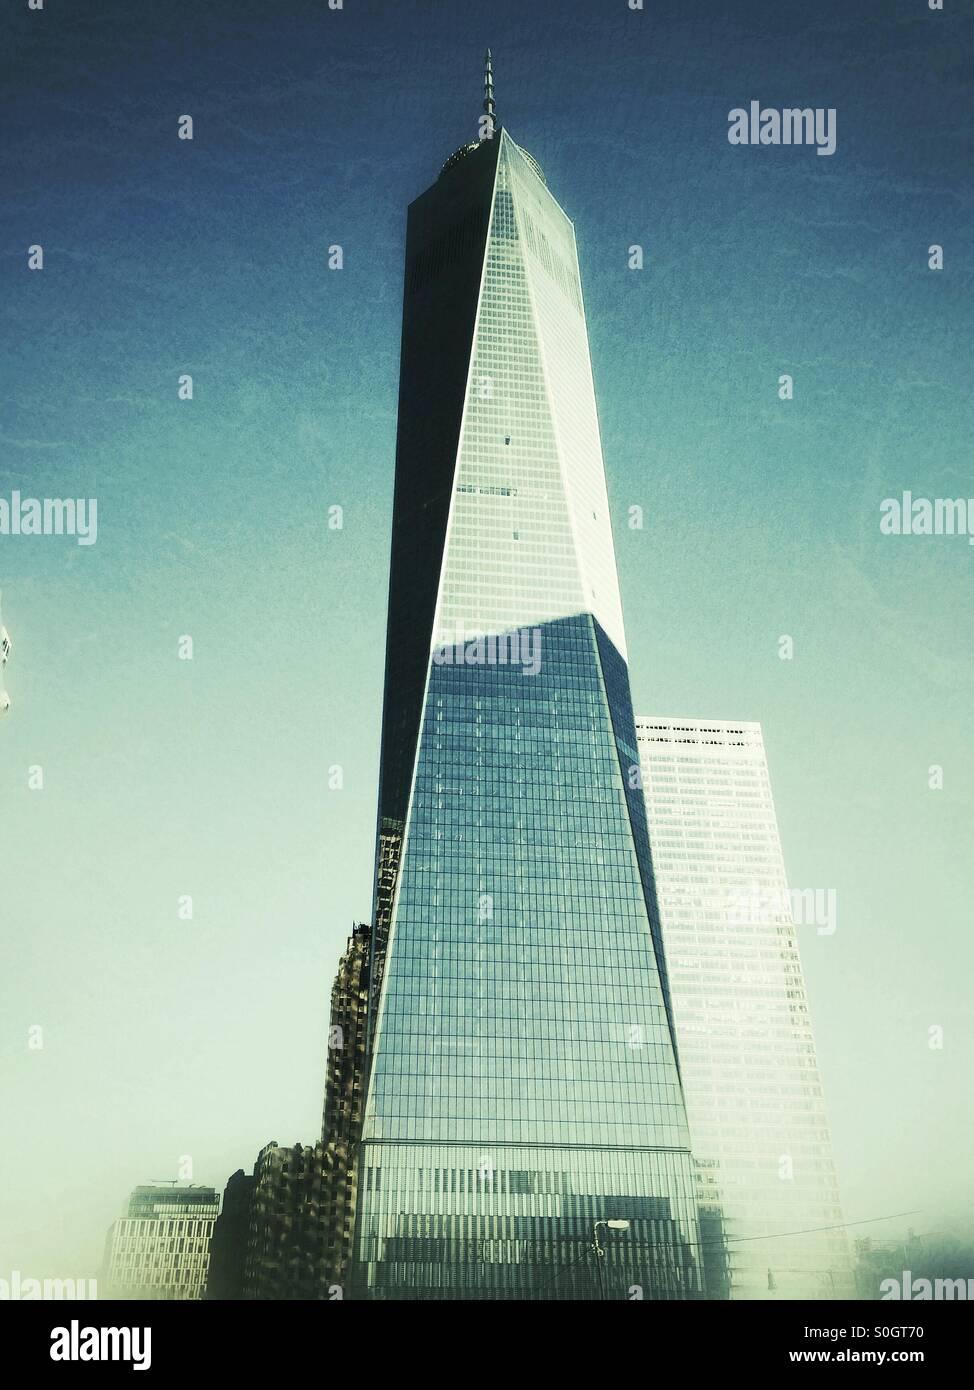 Low Angle View der Freedom Tower vor blauem Himmel. New York City, Vereinigte Staaten von Amerika. Stockbild